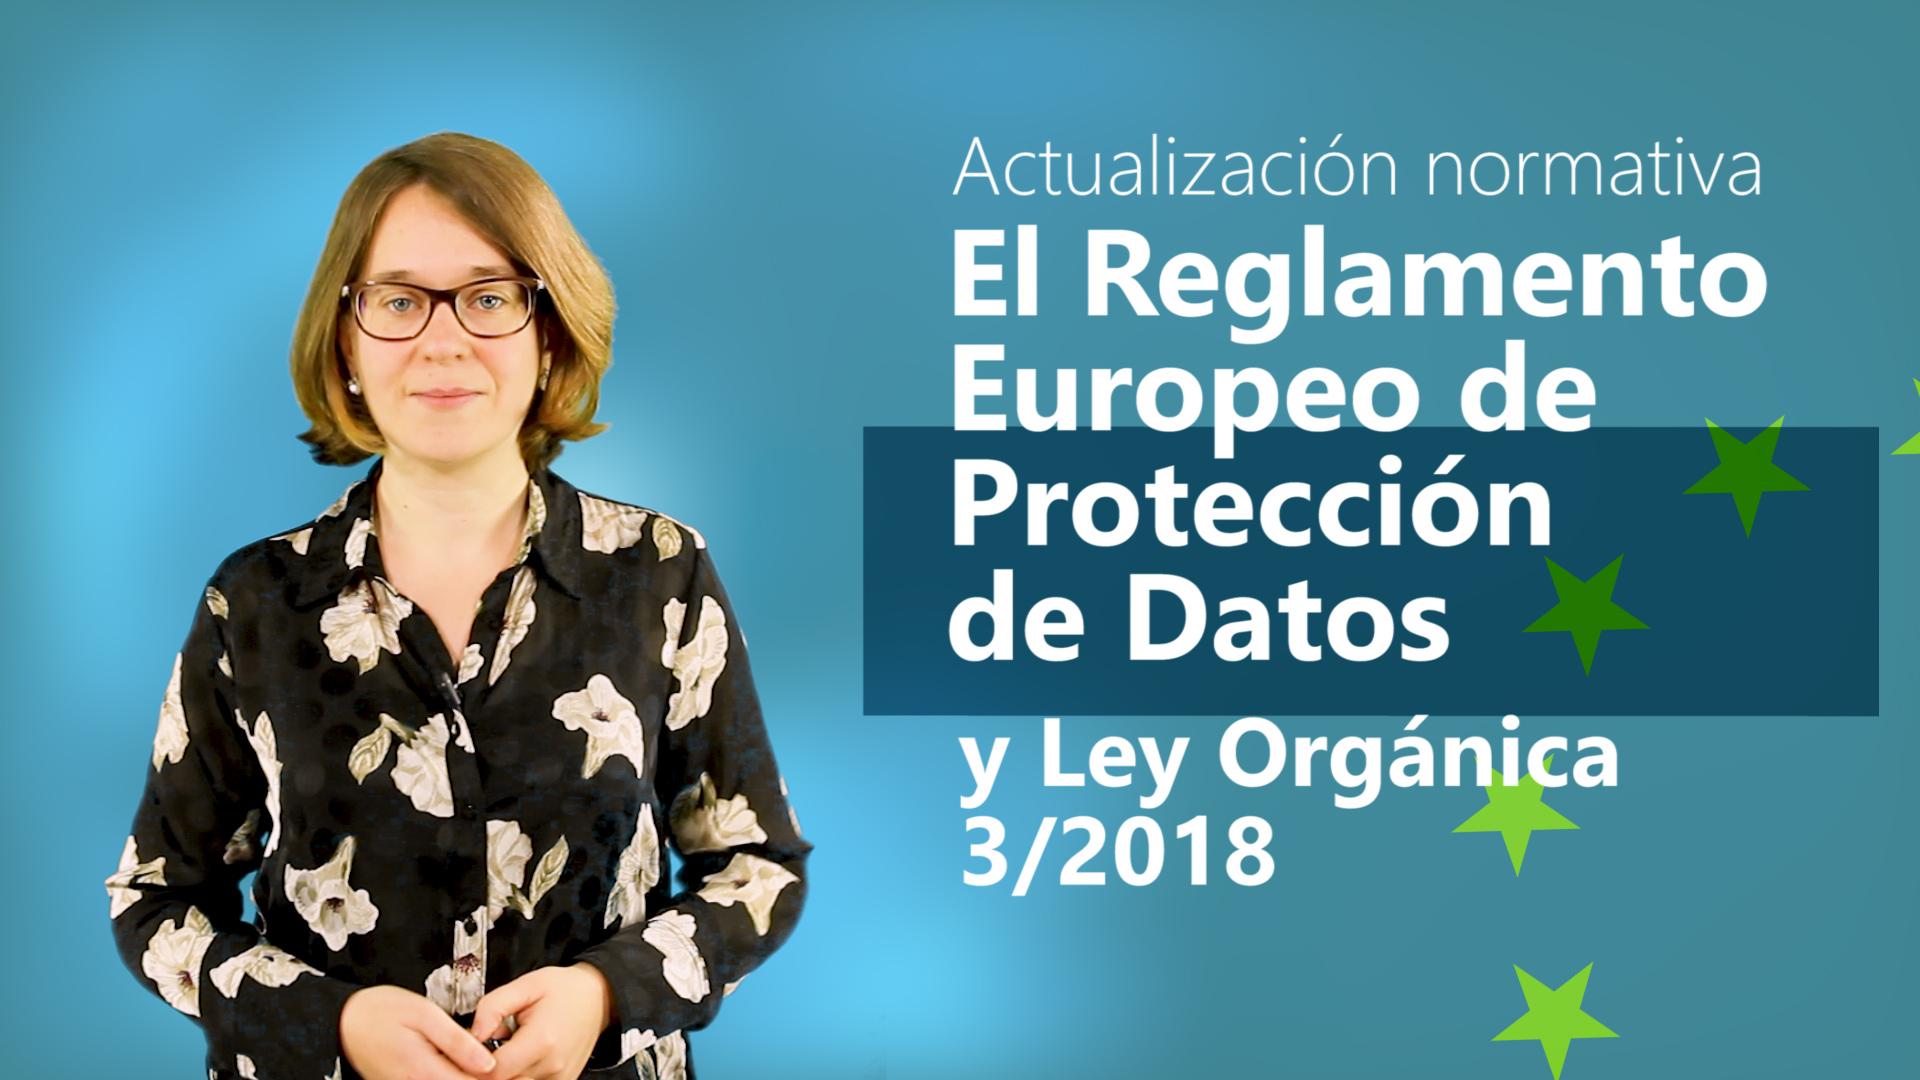 Curso de Actualización Normativa: Reglamento Europeo de Protección de Datos y Ley Orgánica 3/2018